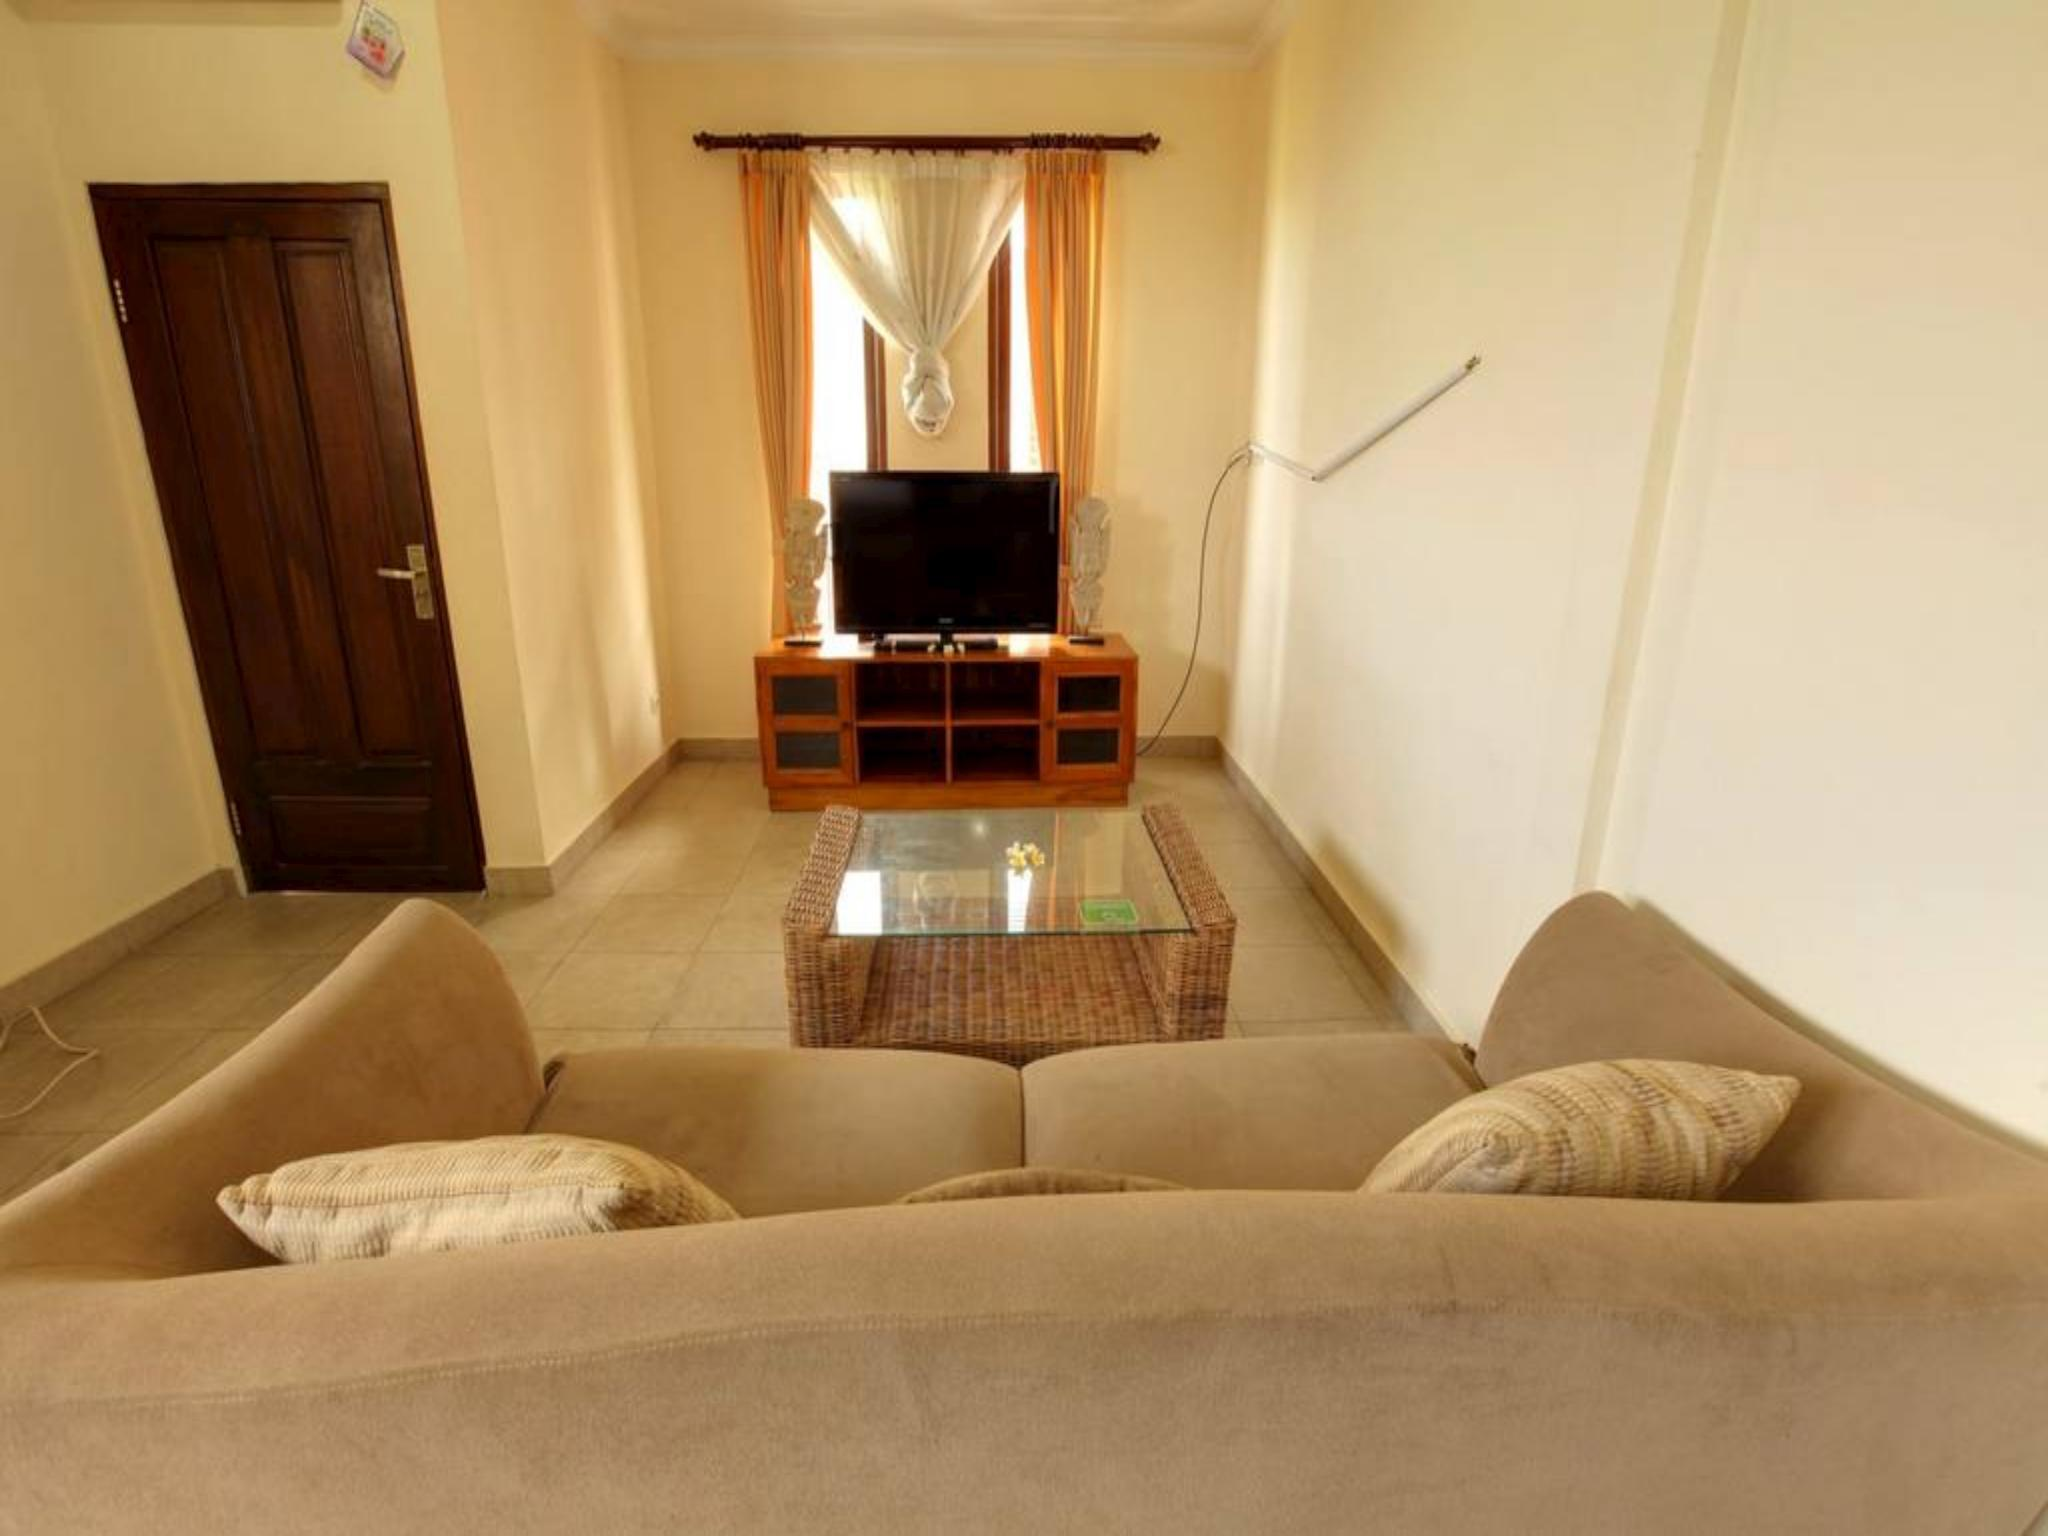 Ubud Apartement tropical Garden